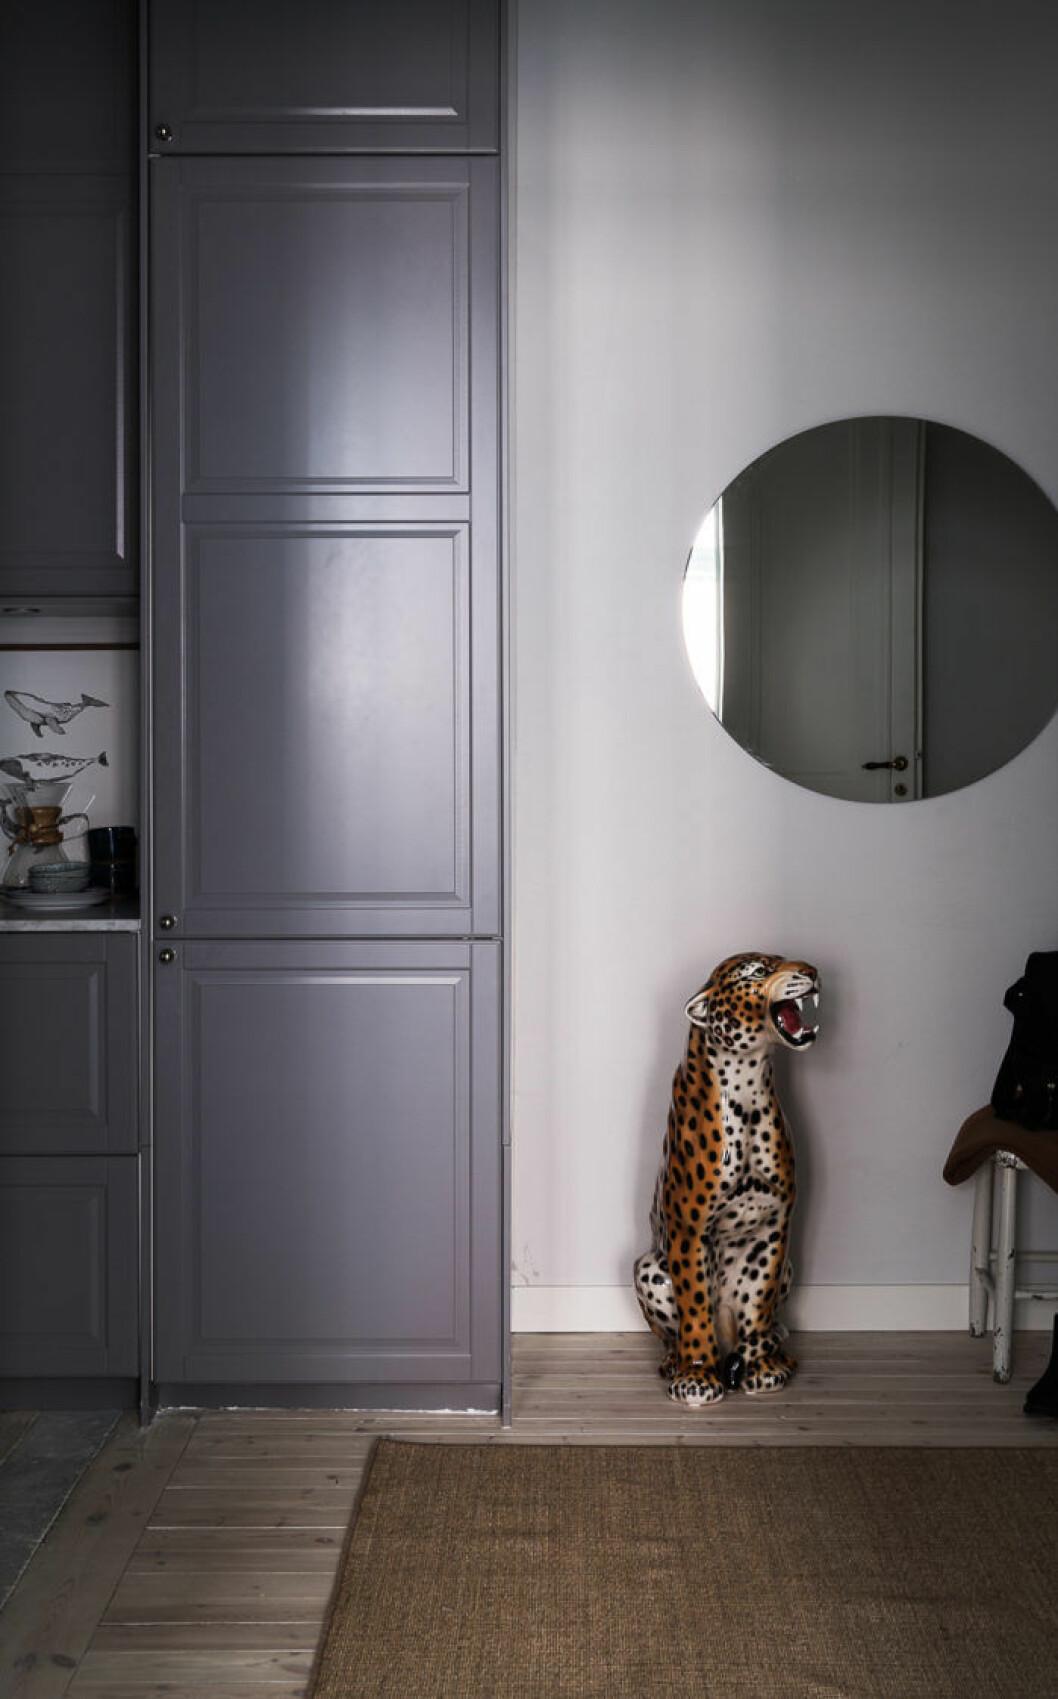 Porslinsleopard